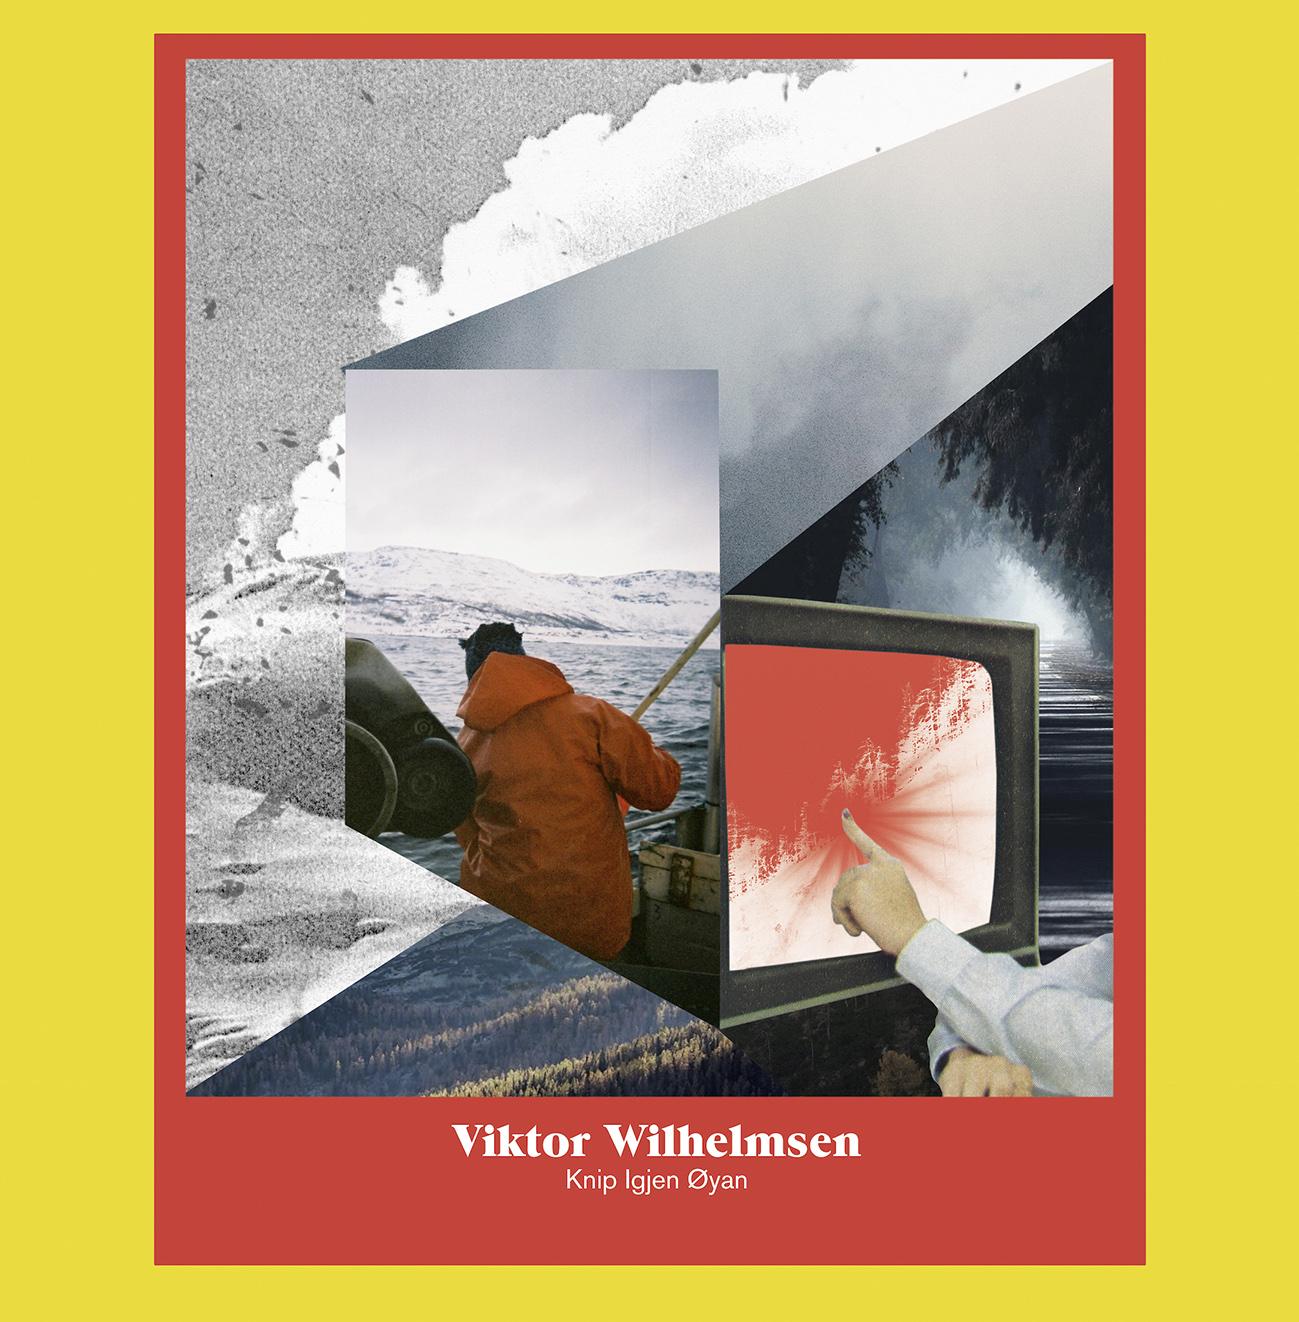 Viktor Wilhelmsen omslag